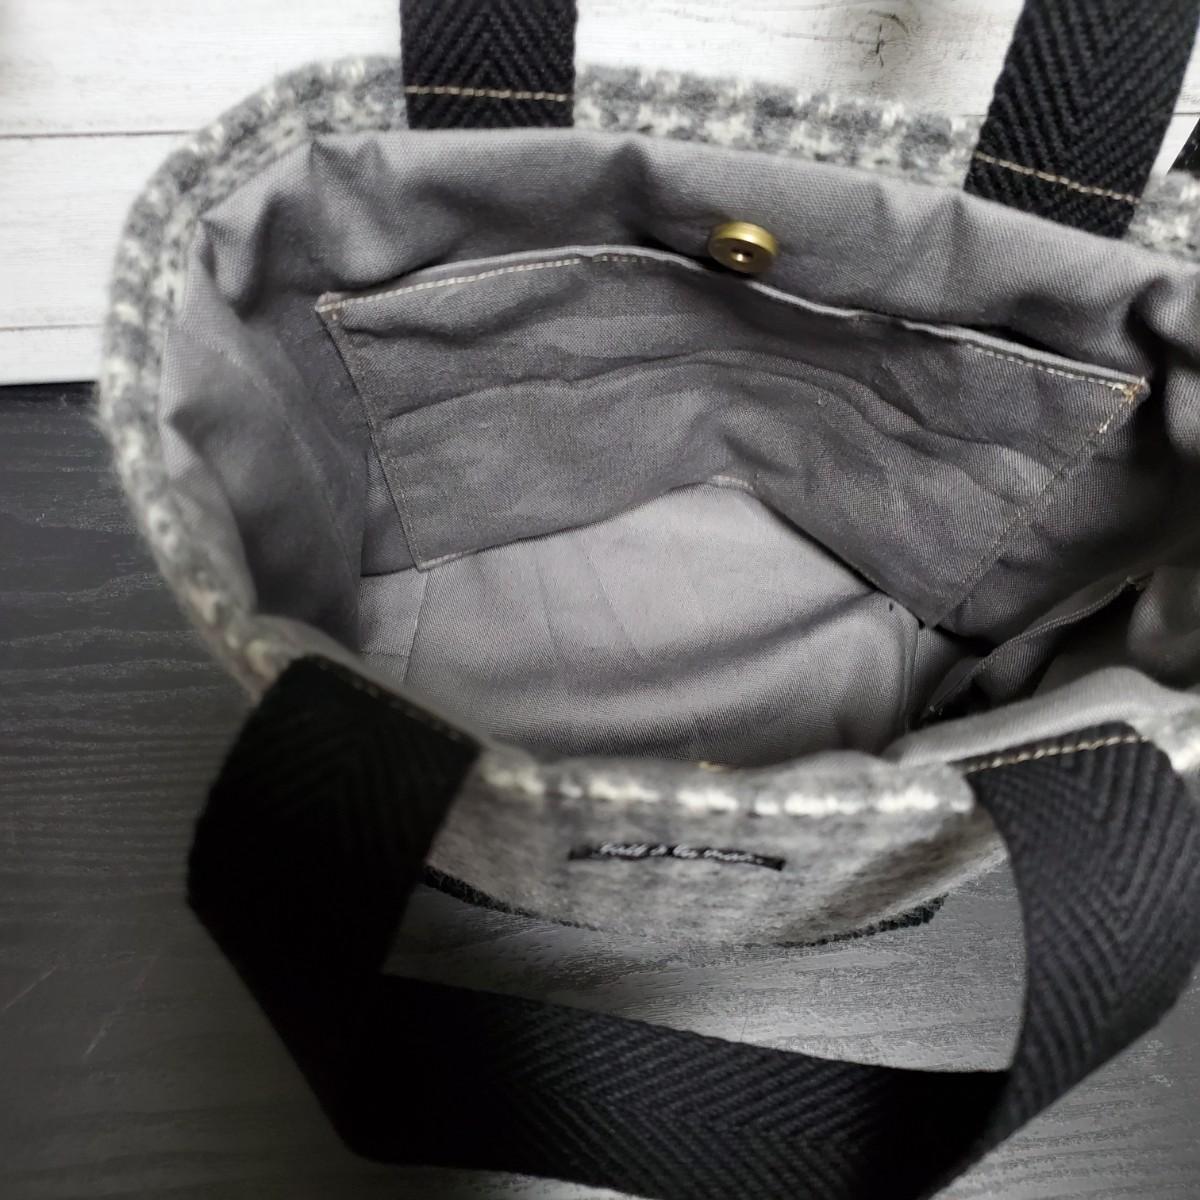 ミニトートバッグ『ウール混 グレーツイード×黒コーデュロイ』